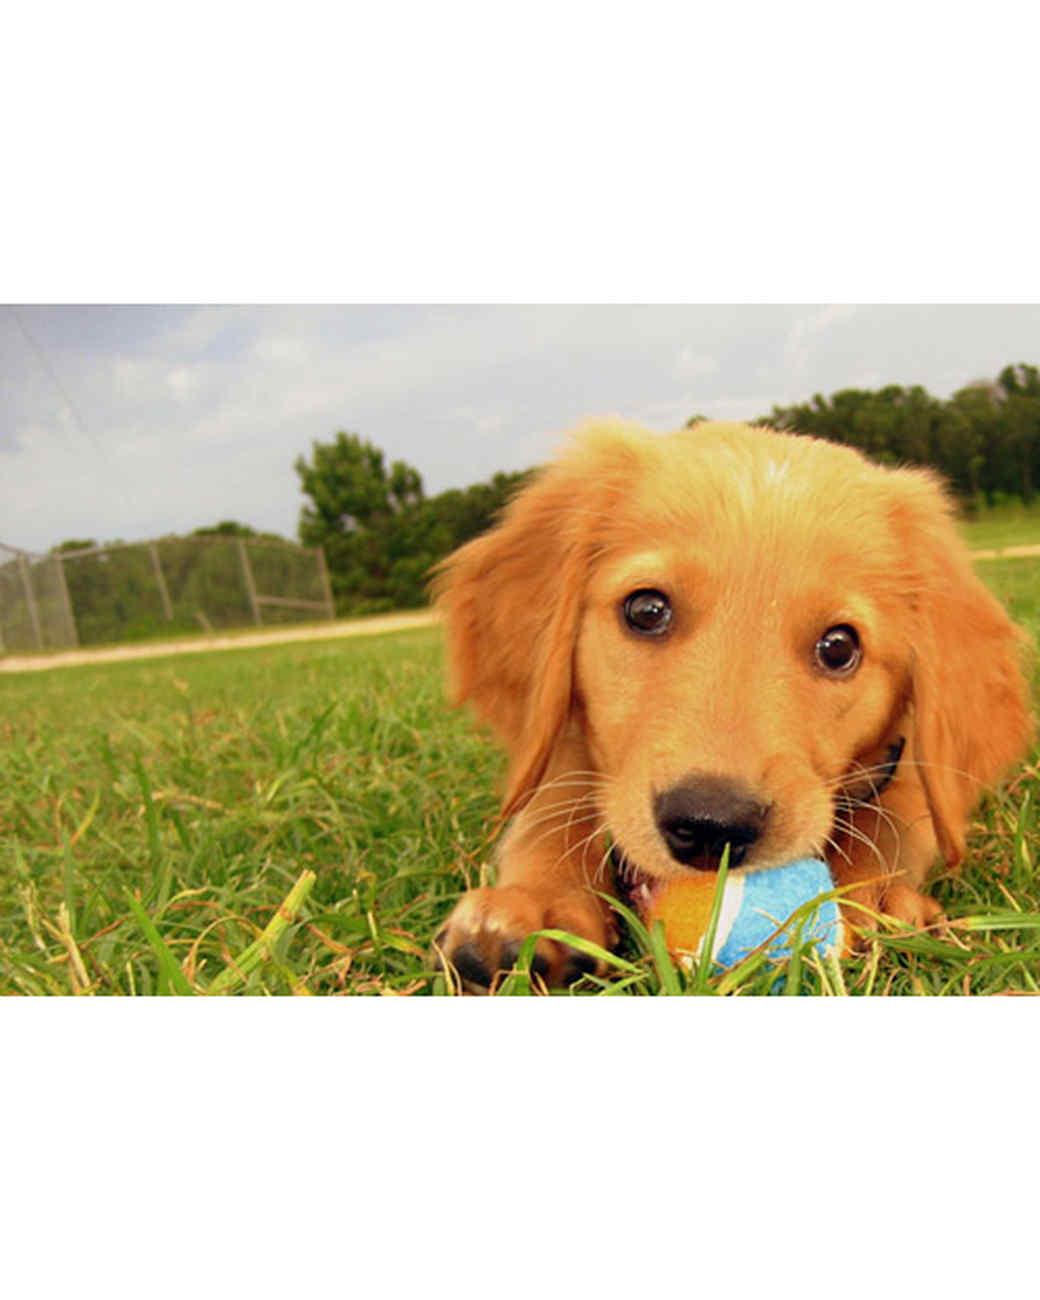 pets_at_play_6342598_11866409.jpg